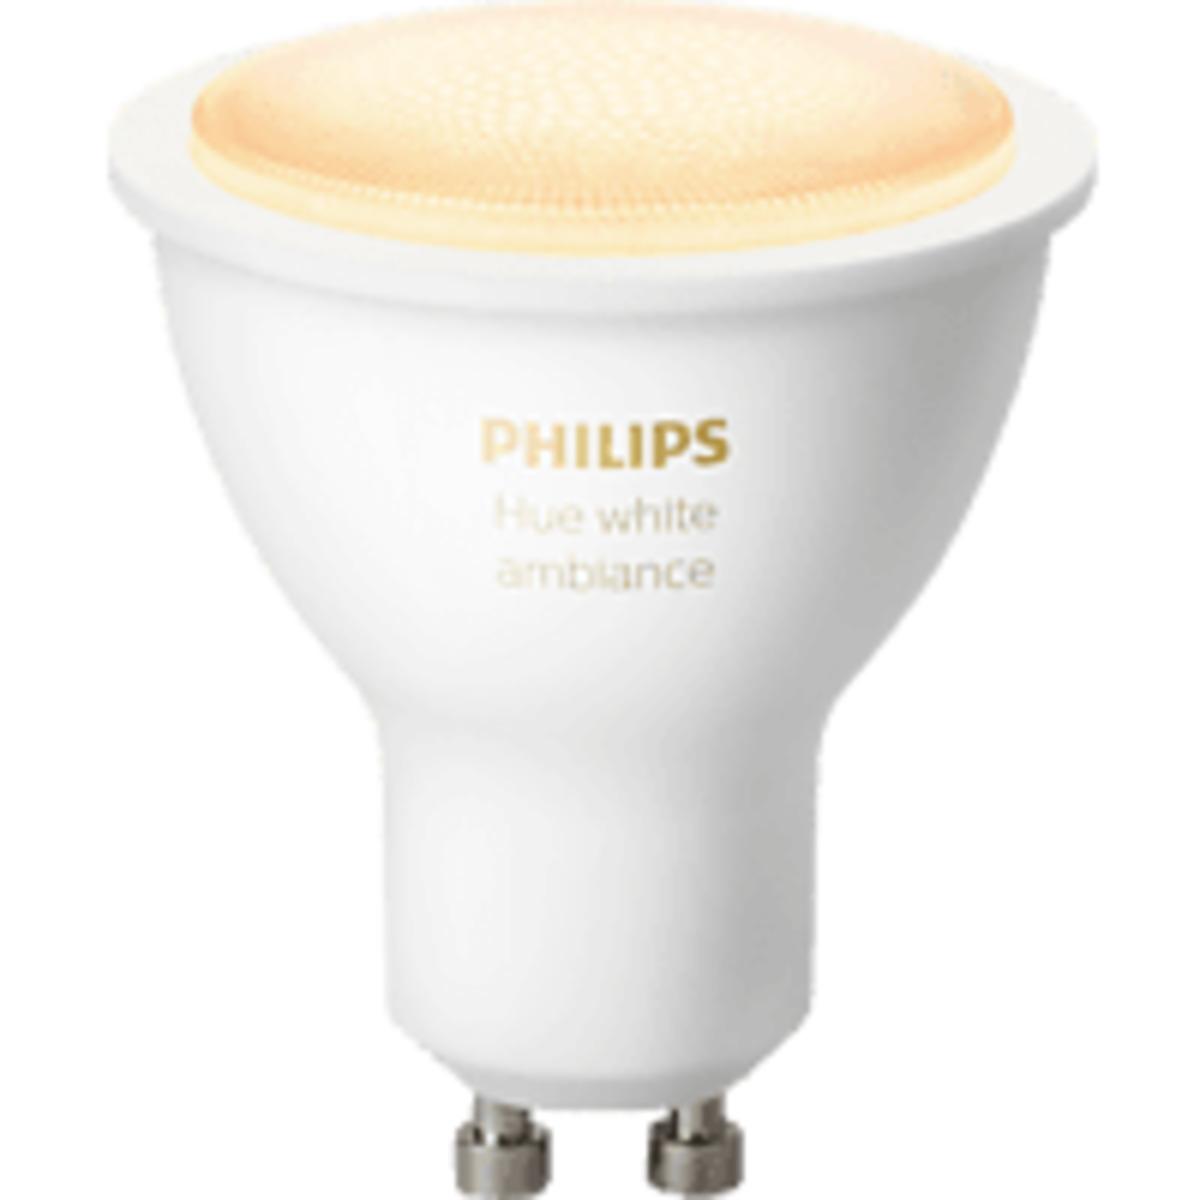 Bild 1 von PHILIPS HueWhite Amb. GU10 Bluetooth LED Lampe, Weiß